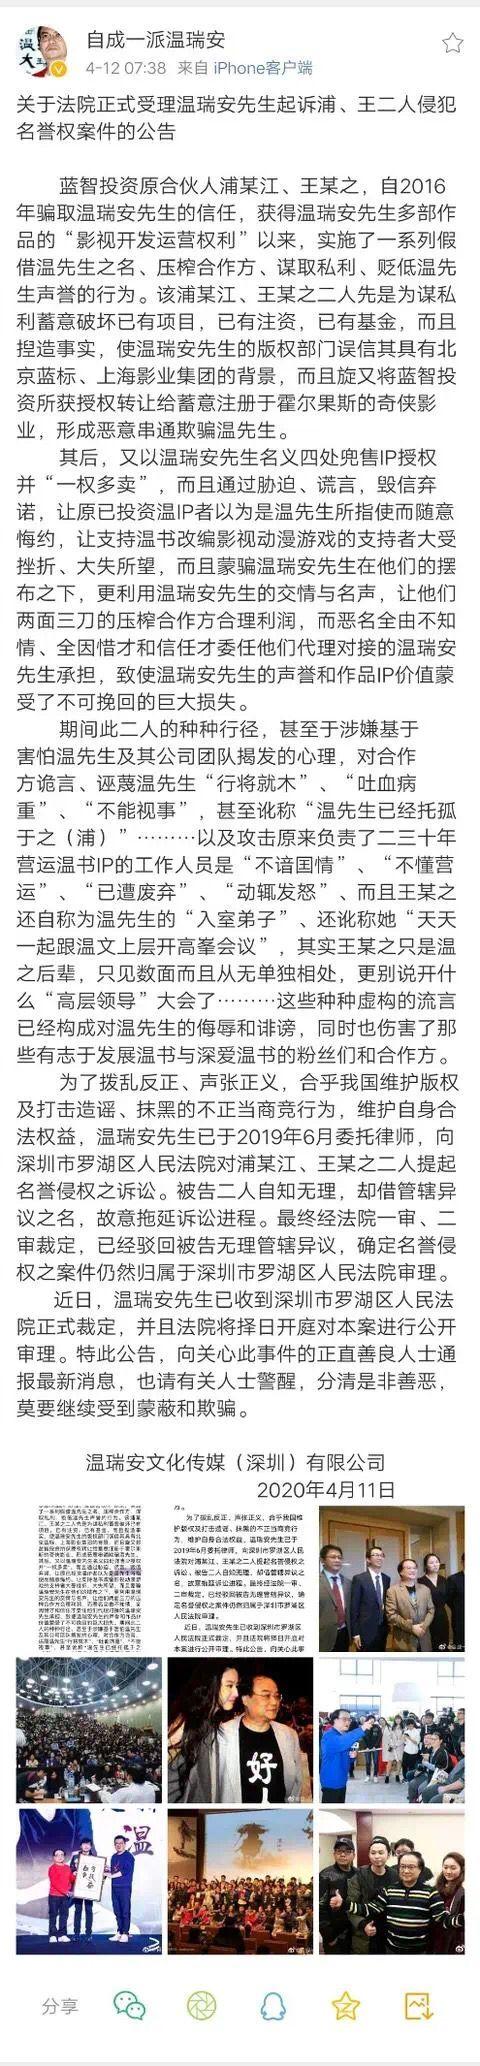 武侠IP改编风云又起,温瑞安经典再受追捧,江湖恒久远侠义永流传